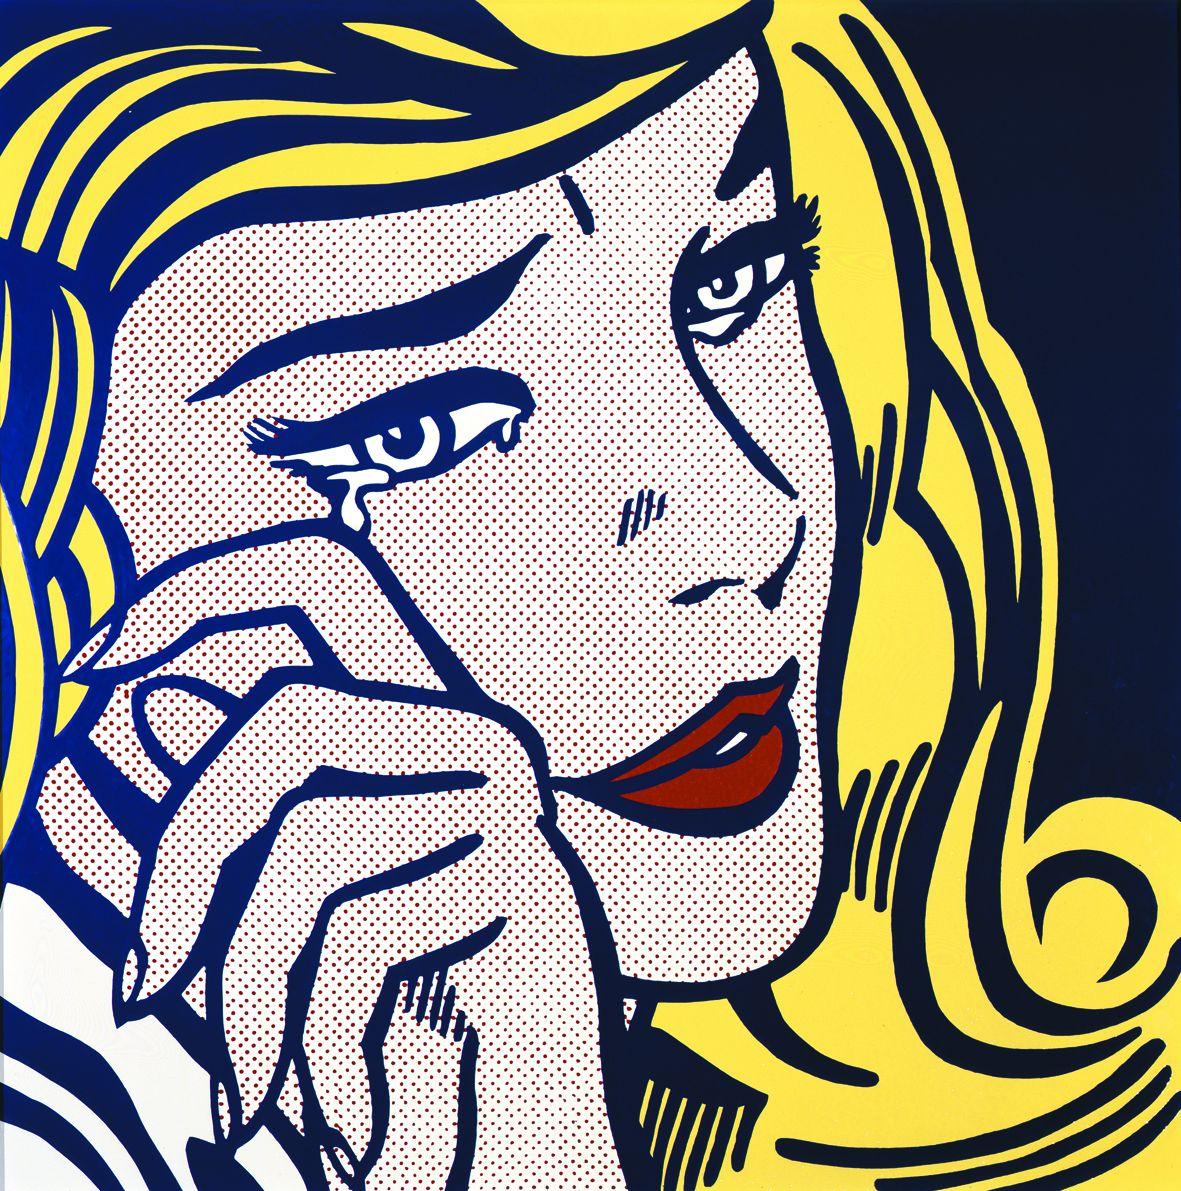 Roy lichtenstein au centre pompidou du common art au pop art toutelacultureroy lichtenstein - Roy lichtenstein pop art ...